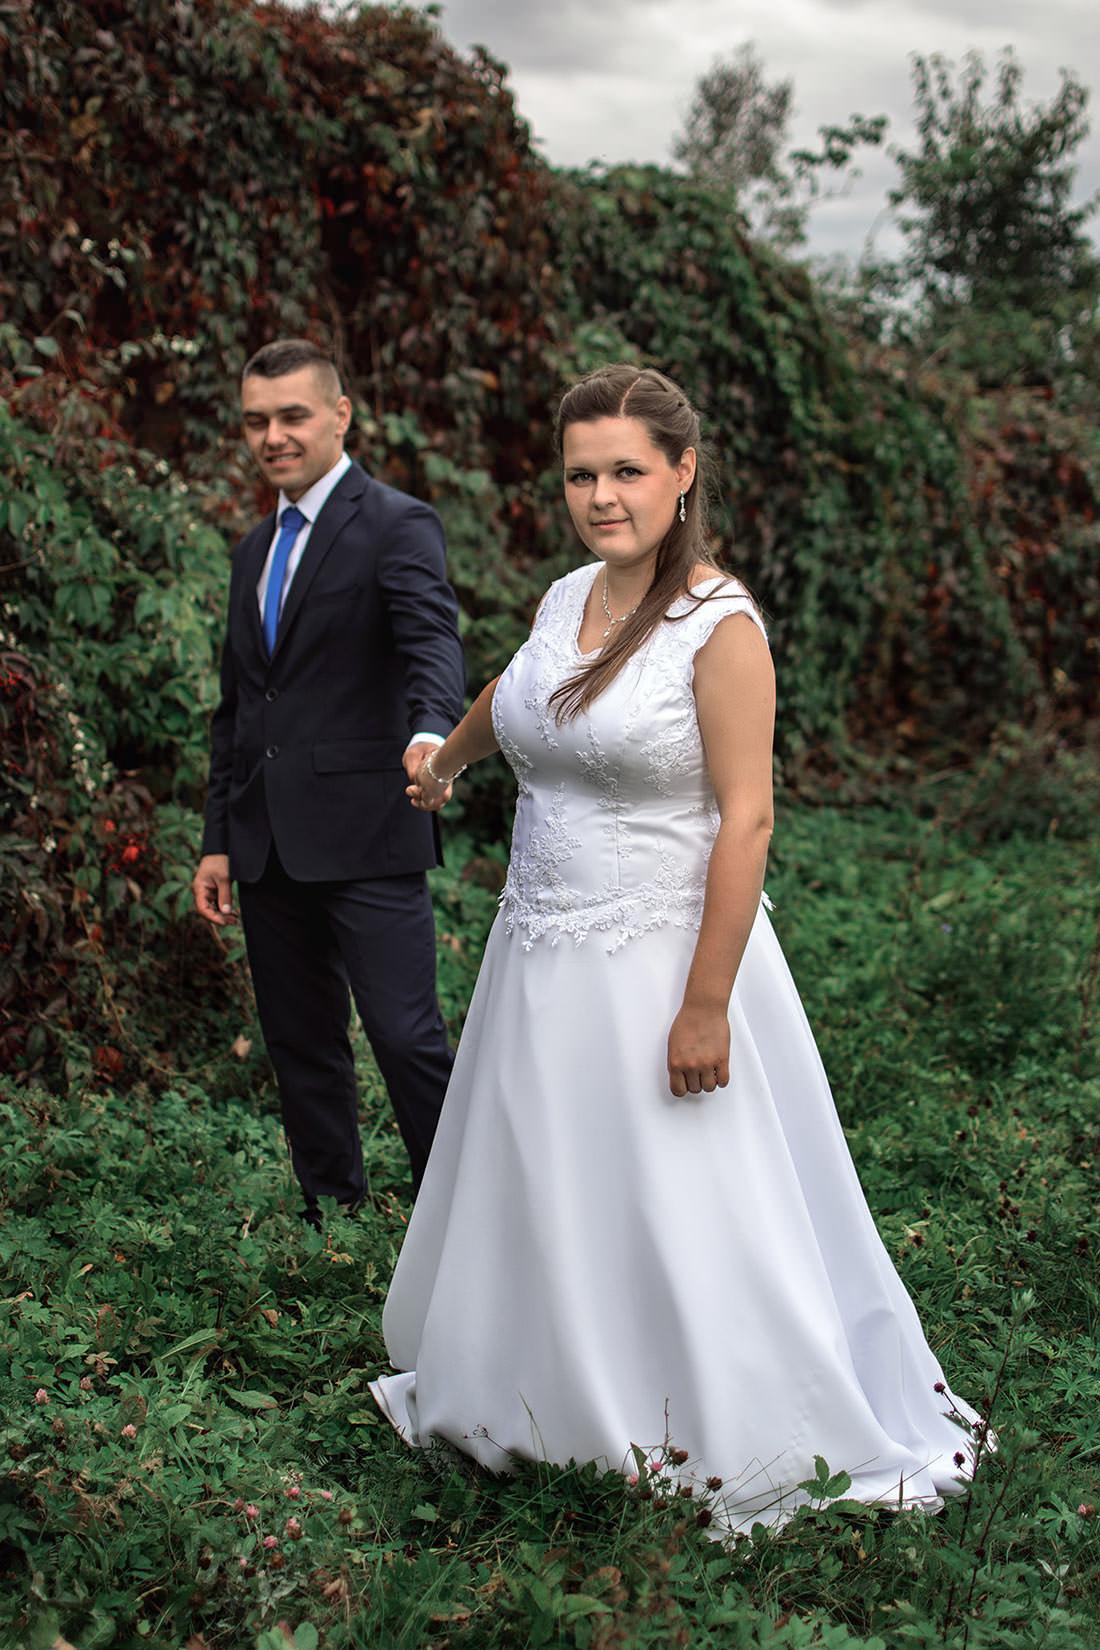 Sesja Ślubna Tomaszów Mazowiecki - fotograf ślubny